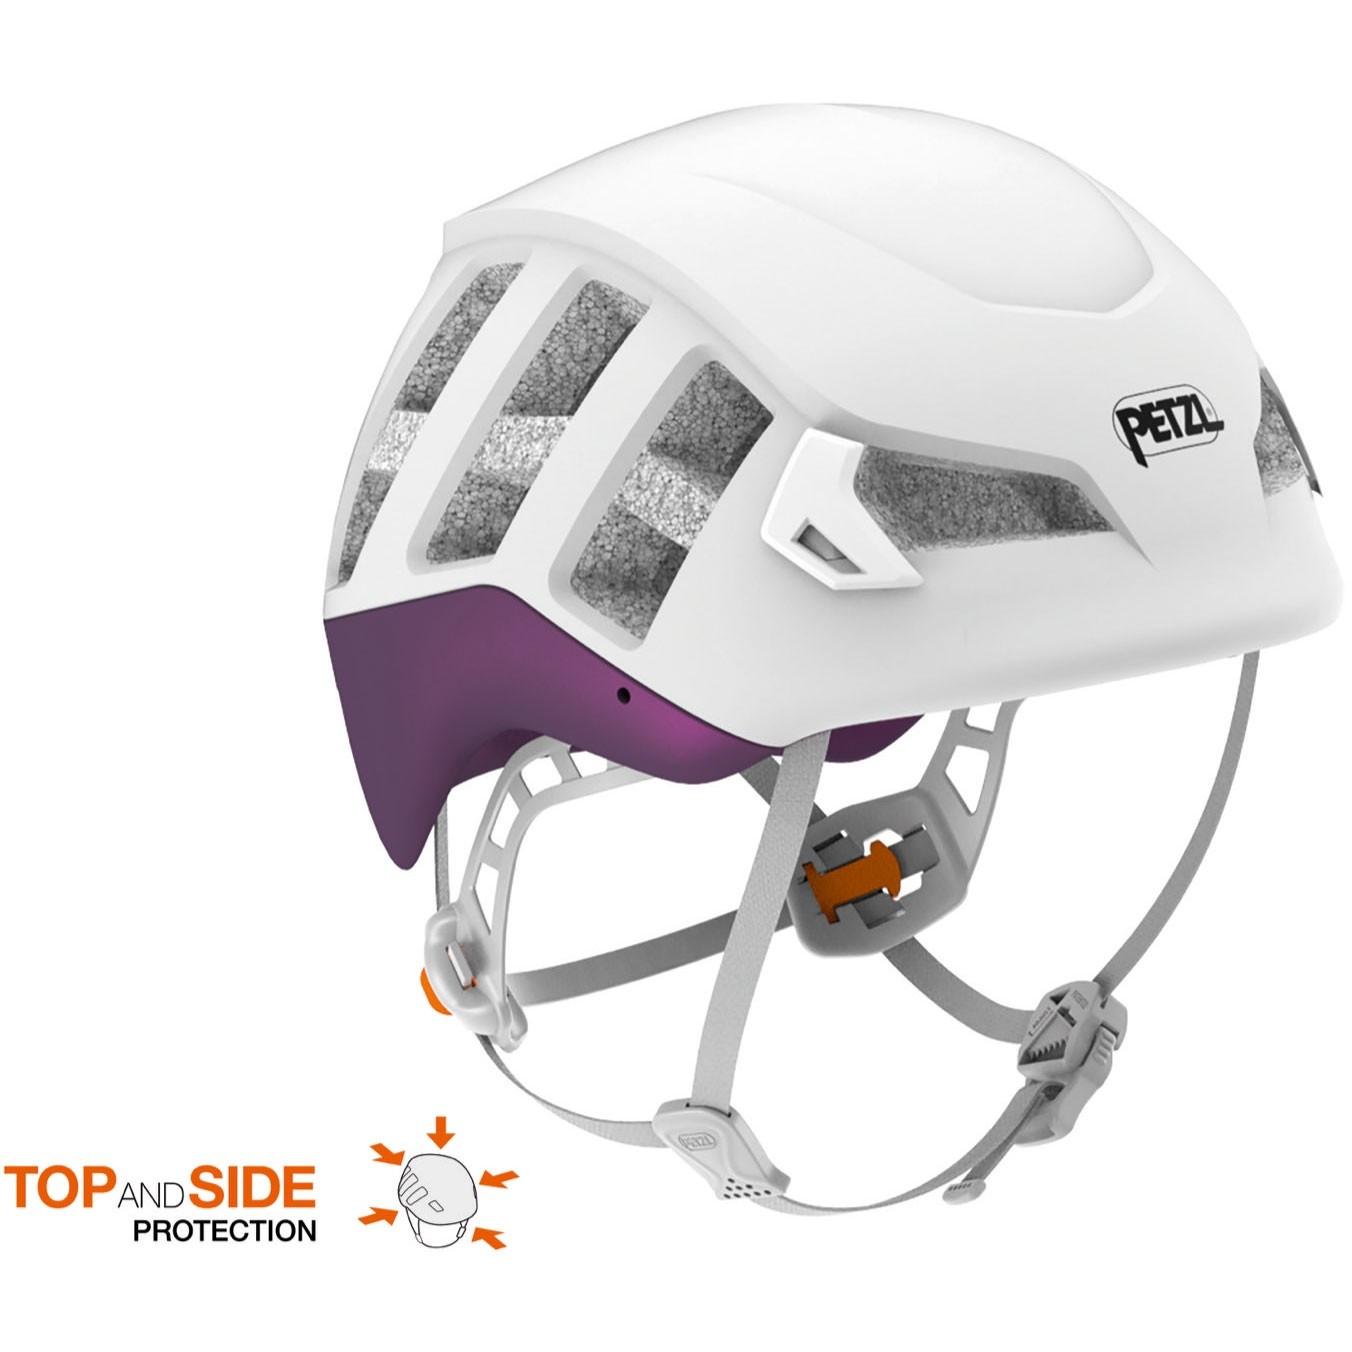 Petzl Meteor Climbing Helmet - Violet